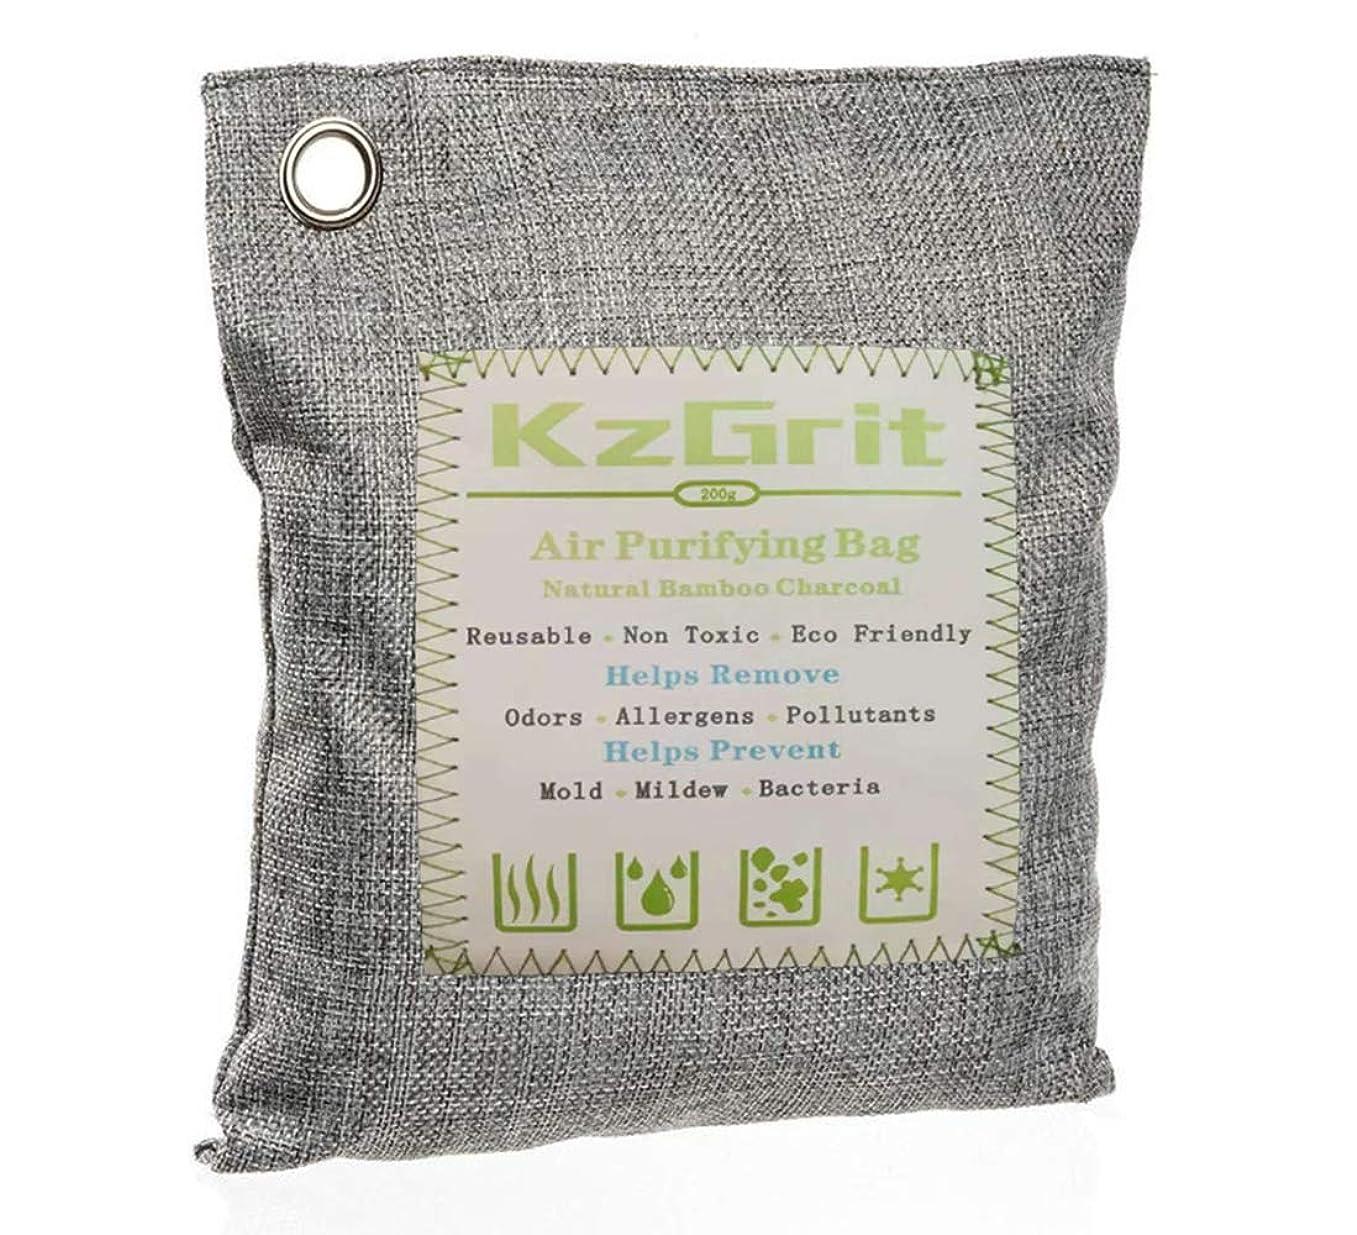 チェリー忘れられない洪水KzGrit 竹炭バッグ 消臭 除湿 200g 脱臭剤 空気清浄 無毒 無香料 繰り返し使用可能 環境にやさしい 車内、ペットエリア、部屋、クローゼット、梅雨など湿気の多い季節などで使用可能(グレー)